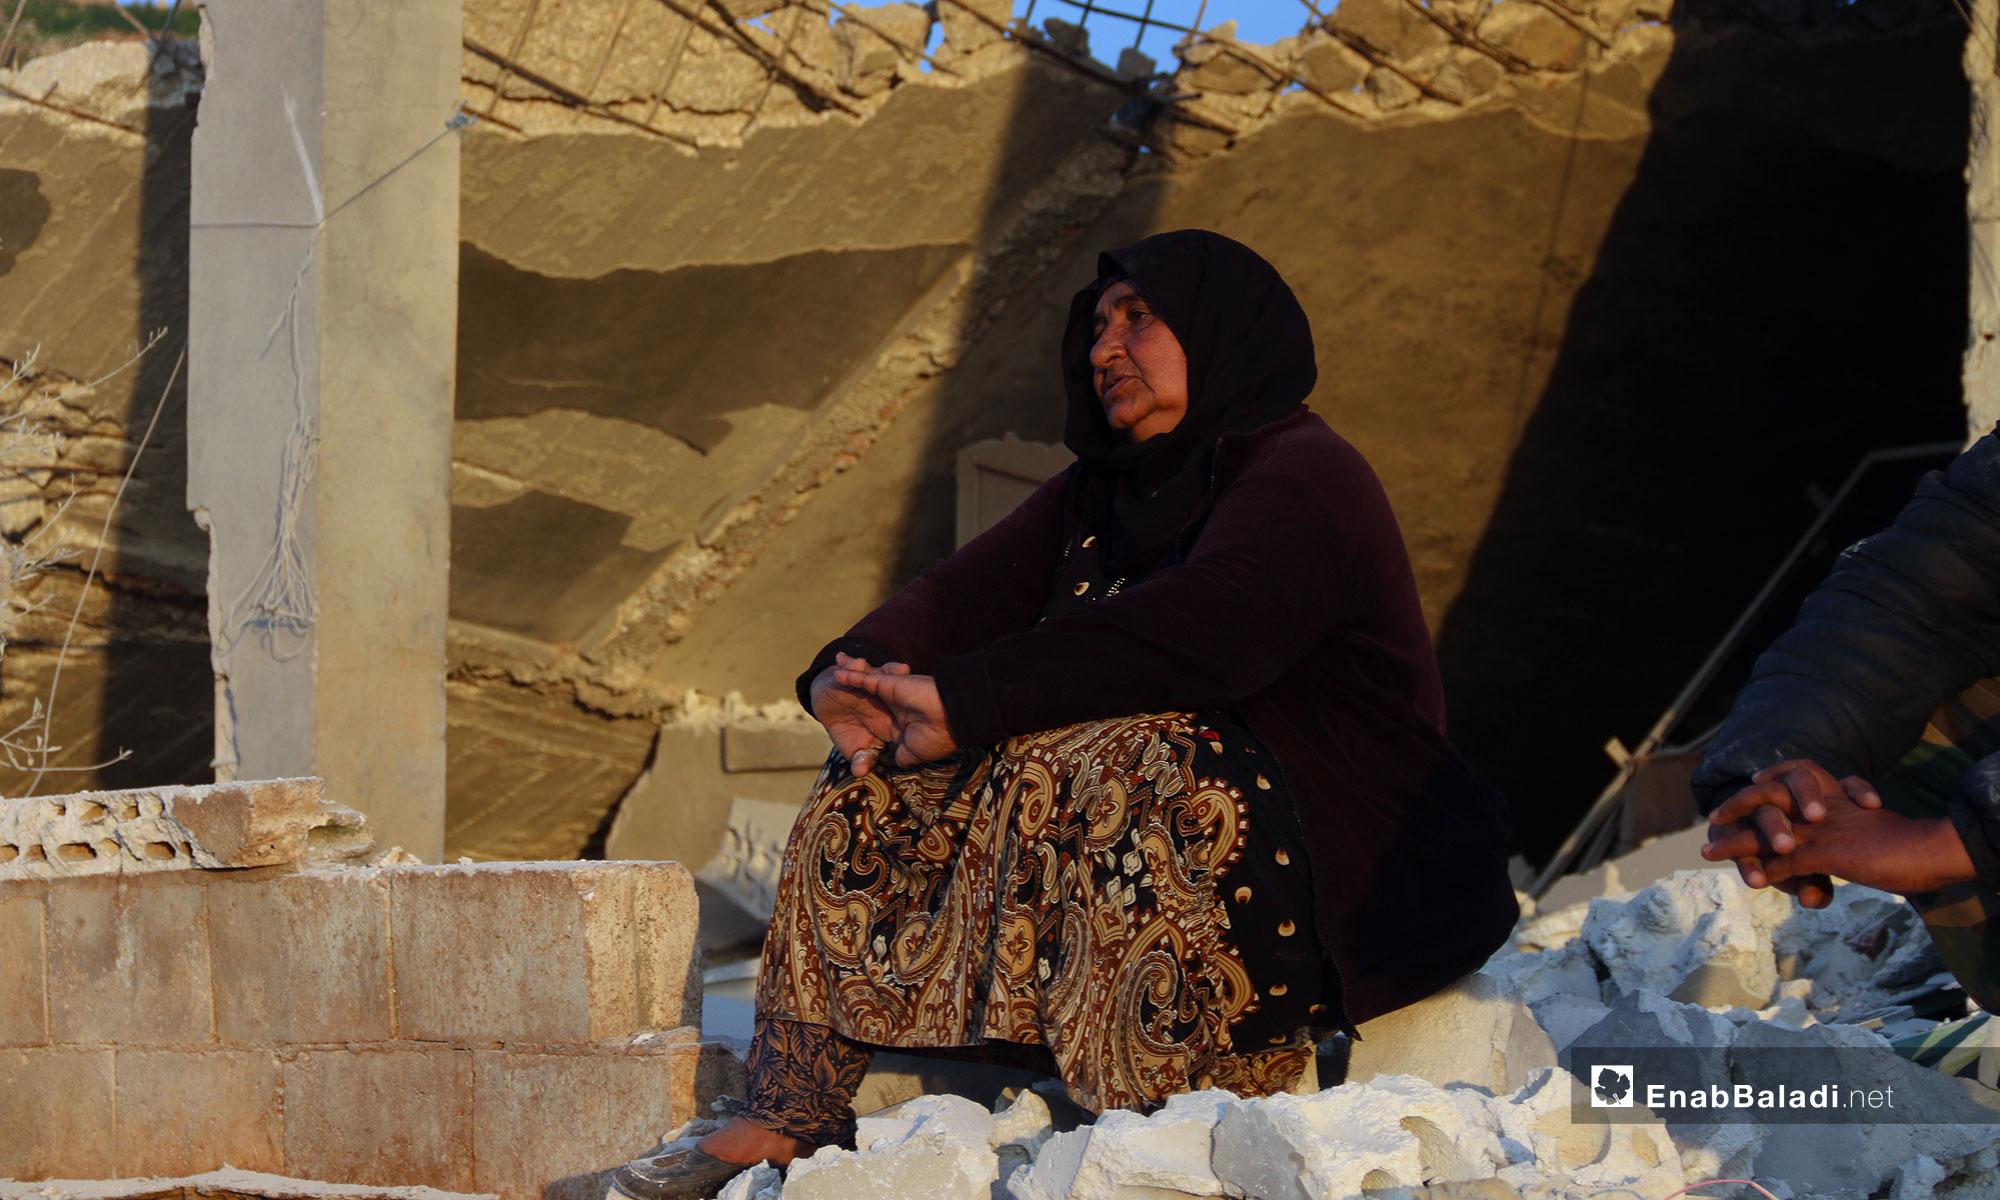 امرأة تجلس على ركام منزلها بعد قصفه من الطيران الروسي في بلدة الفقيع جنوبي إدلب - 21 من آذار 2019 (عنب بلدي)